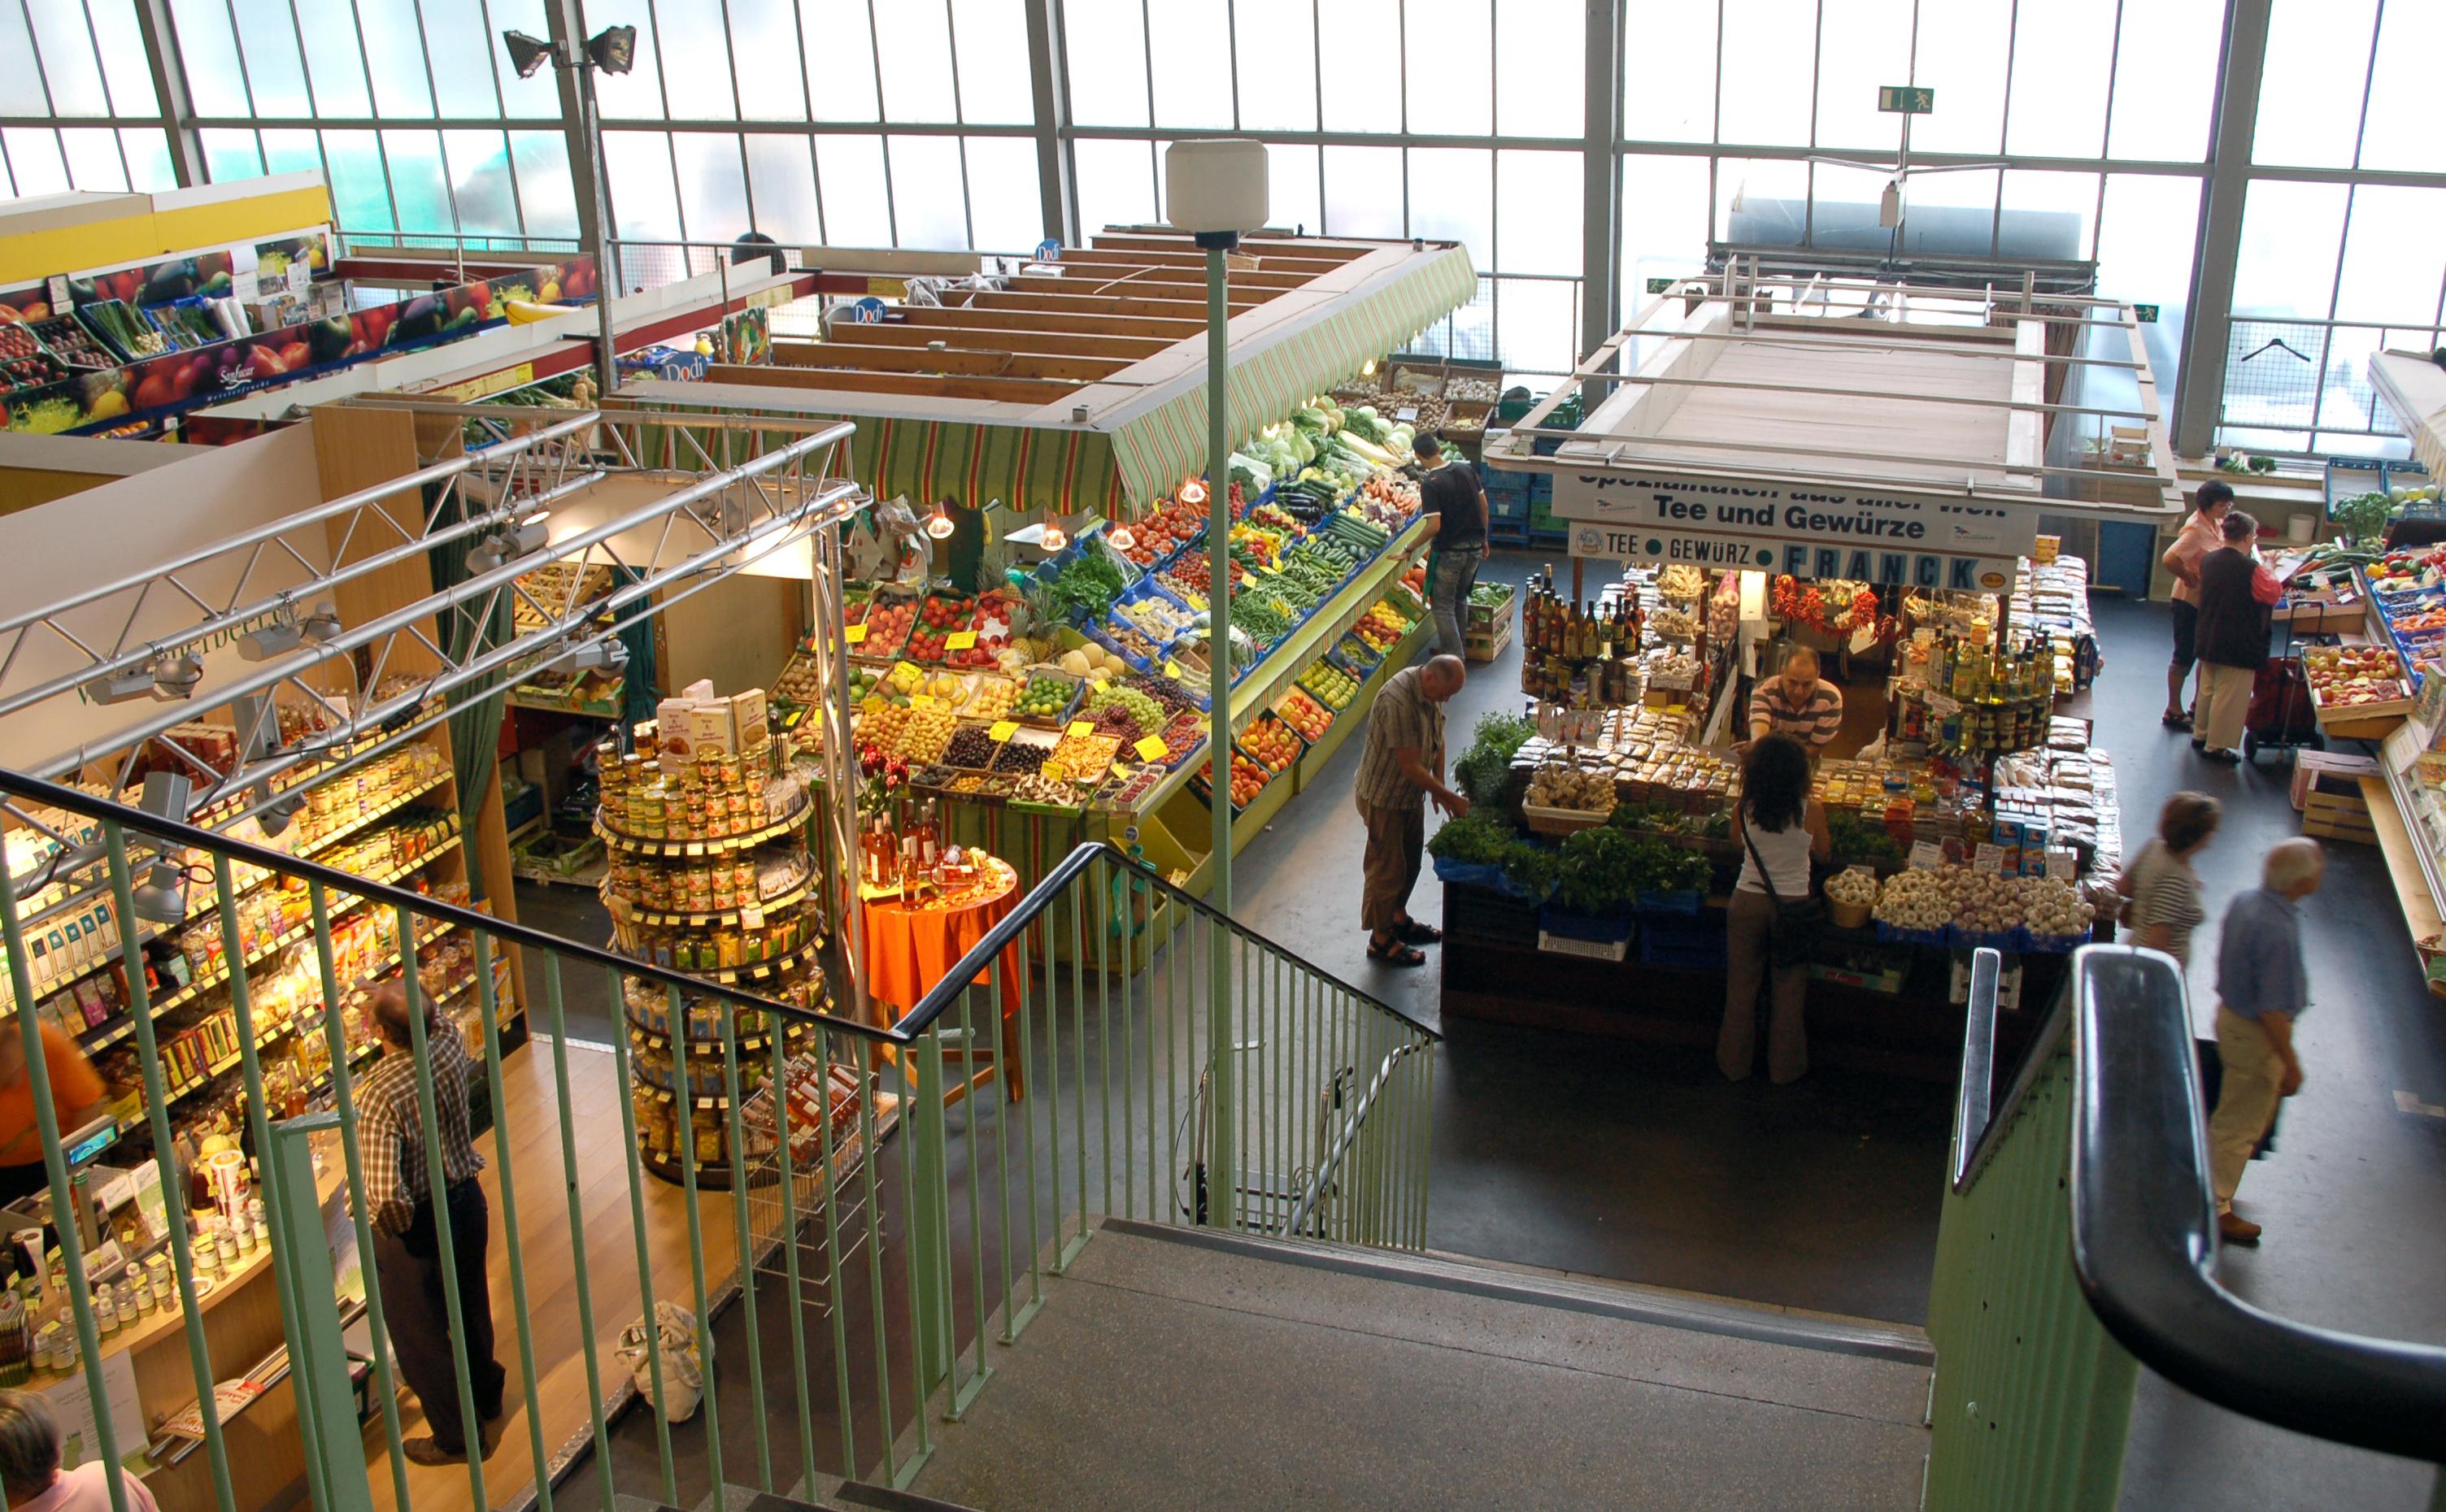 Kleinmarkthalle Frankfurt Empore.jpg